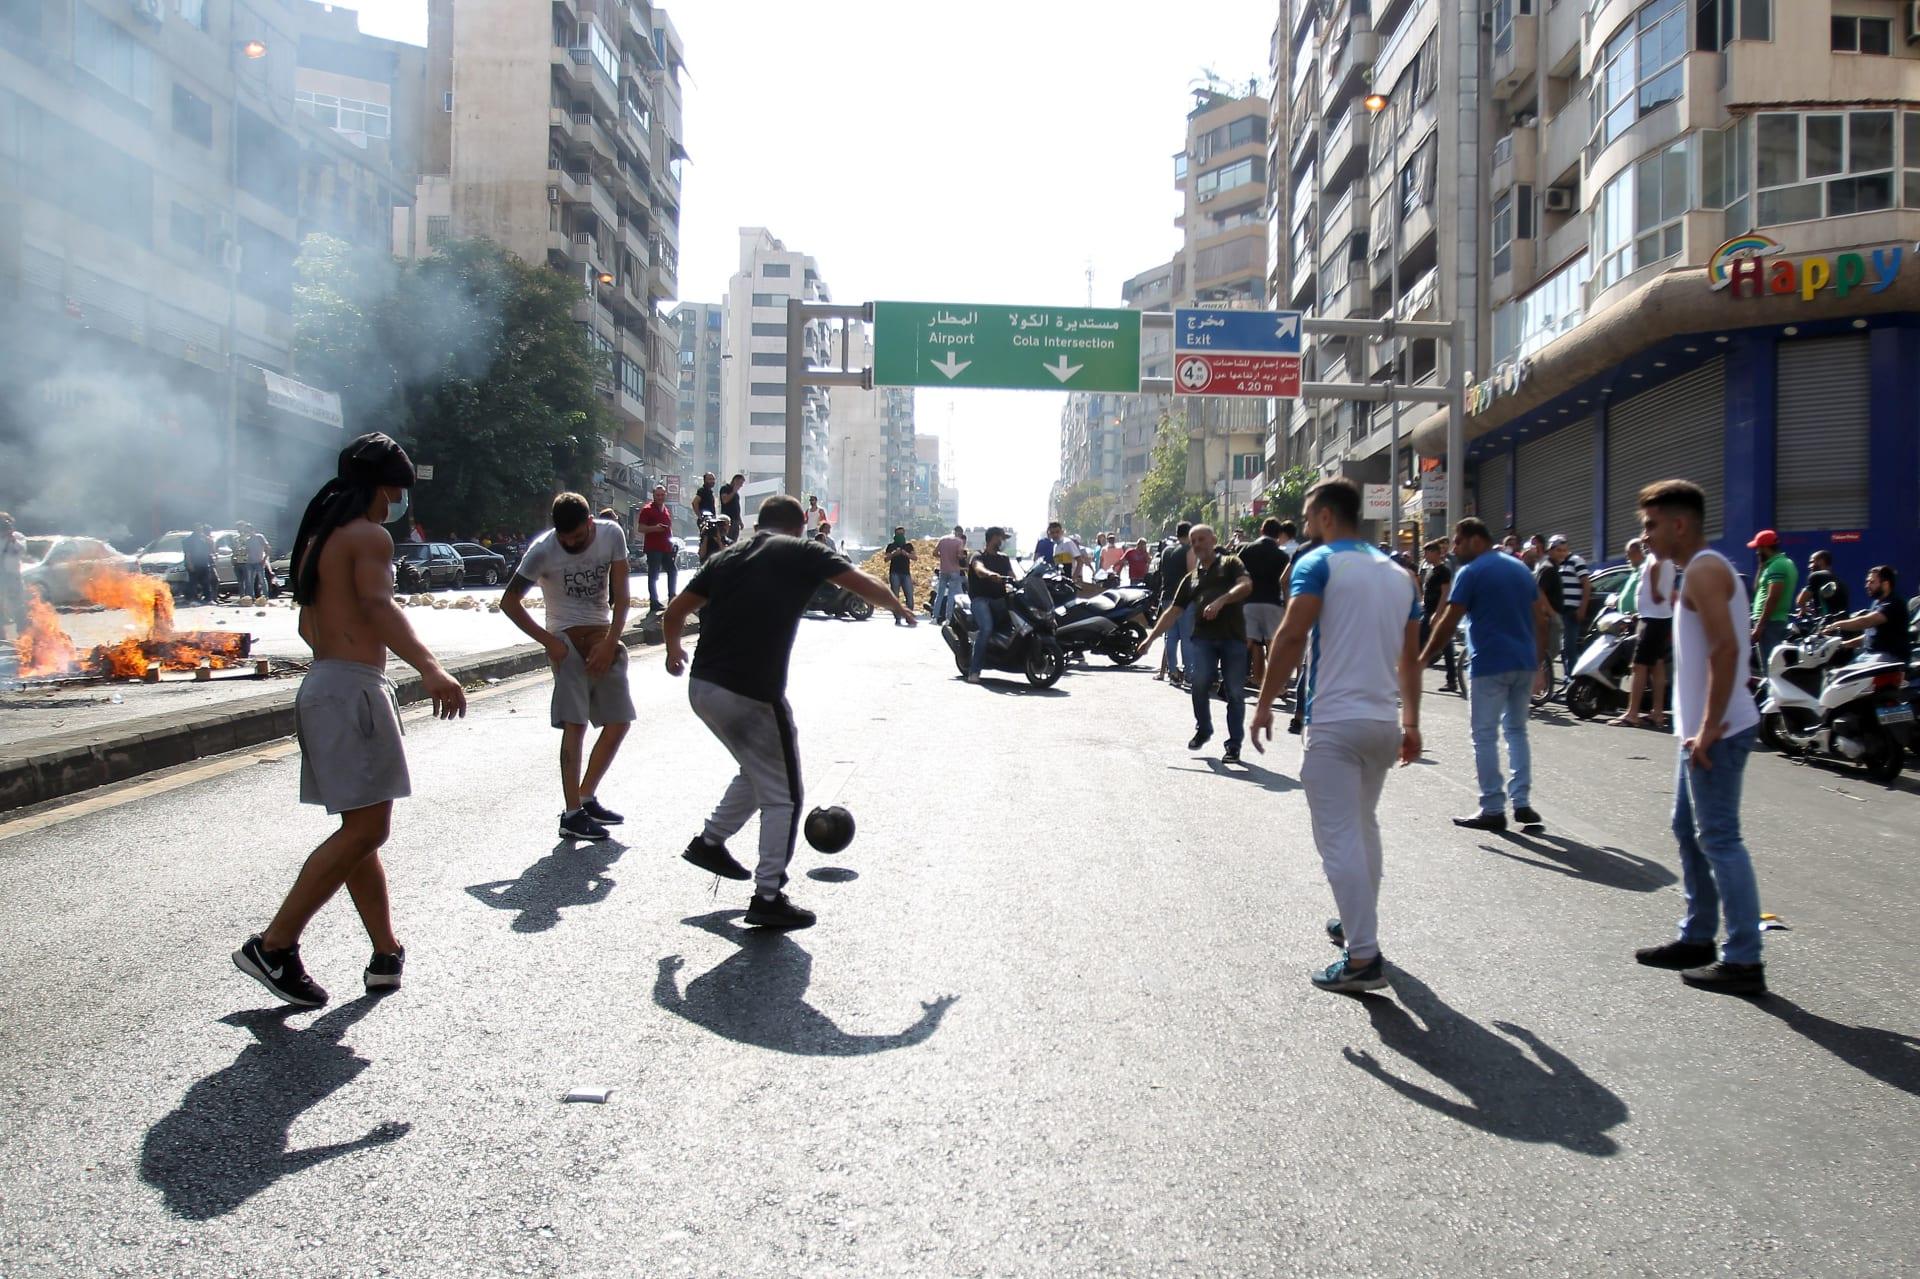 """بالصور.. الآلاف في مظاهرات تطالب بـ""""إسقاط النظام"""" في لبنان"""